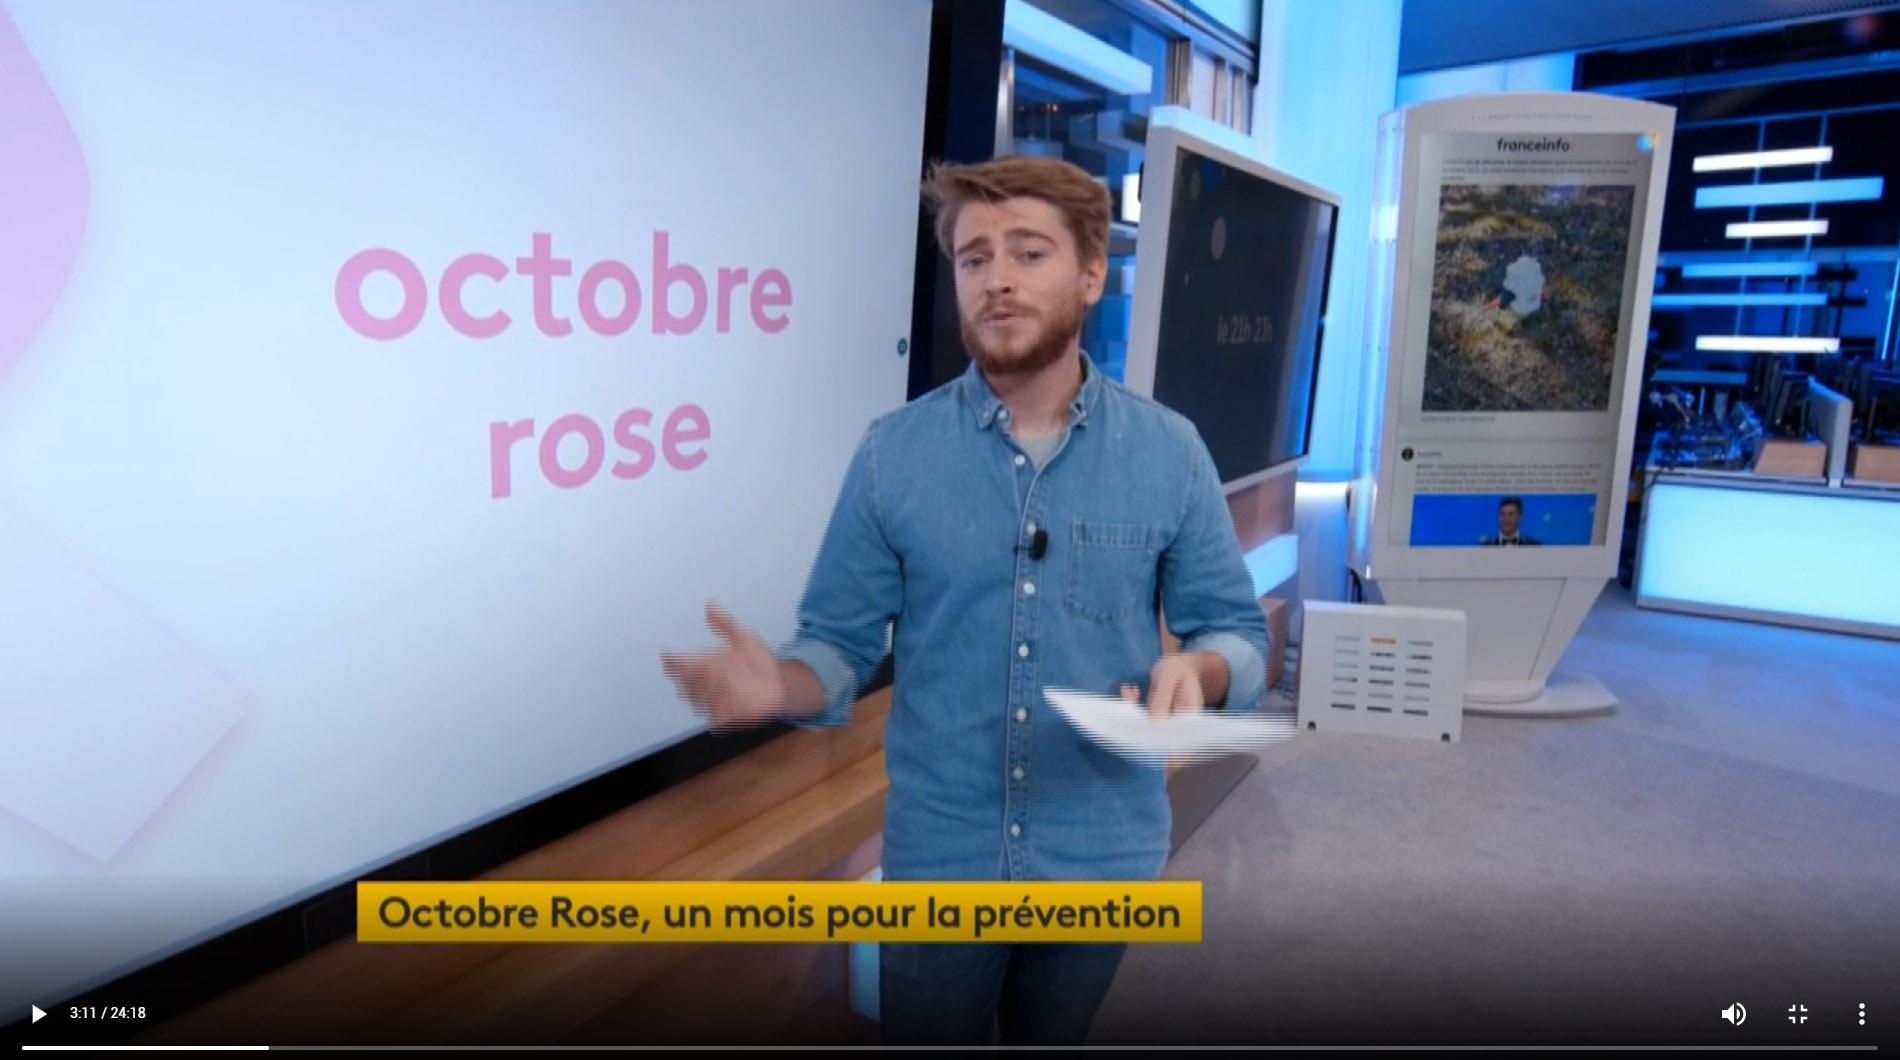 Octobre Rose, 1 mois pour la prévention – France Info TV